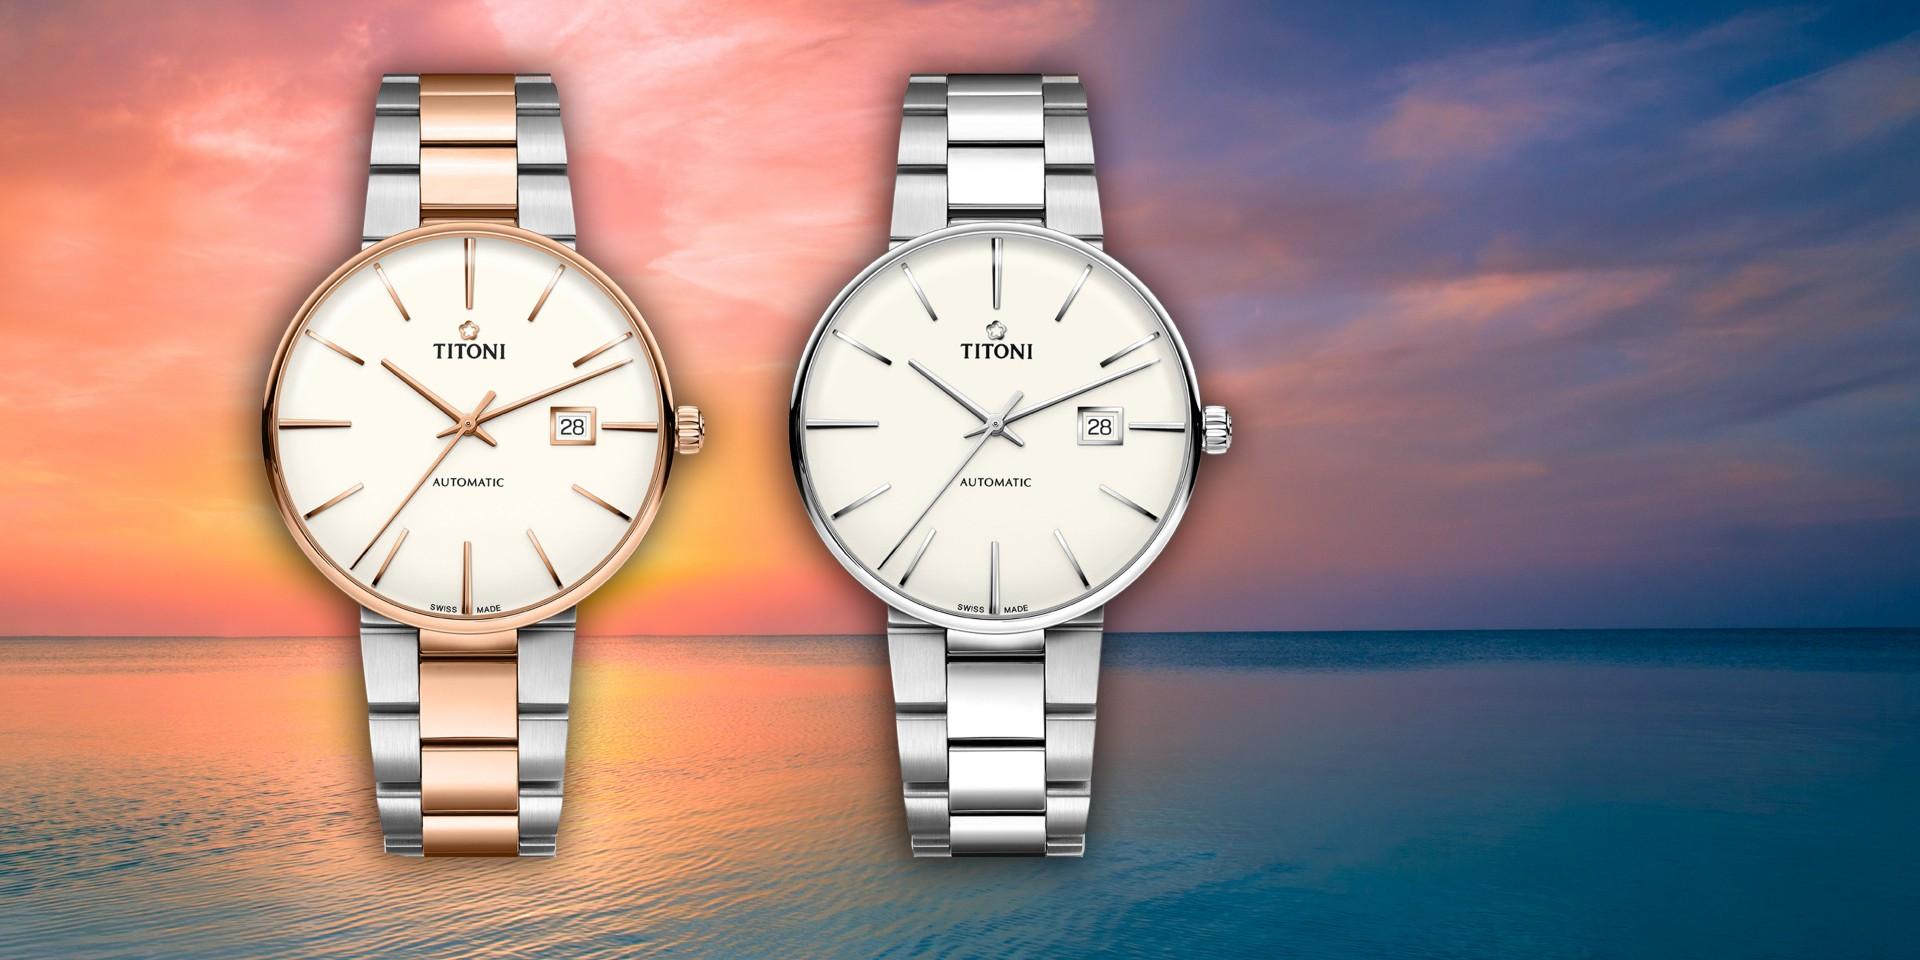 大無邊際,盡享無垠之美:TITONI瑞士梅花錶空中霸王Big Opening 嶄新上市